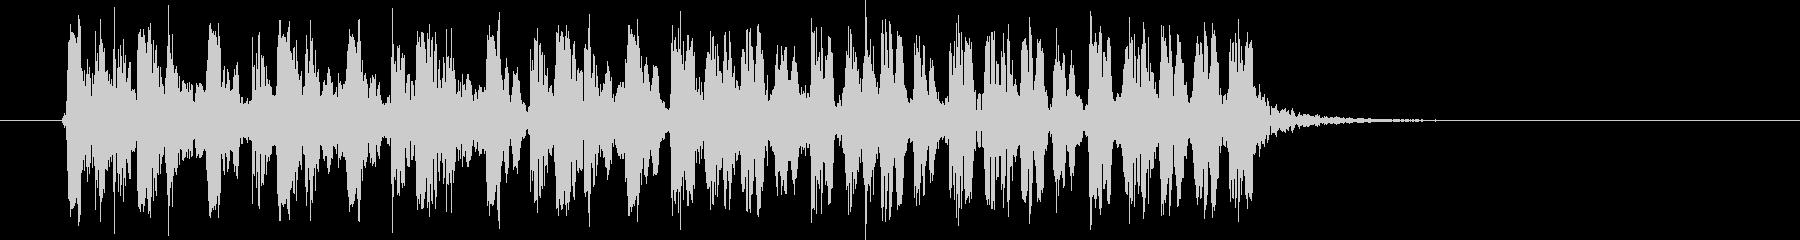 スピーディーなリズムが連続するBGMの未再生の波形